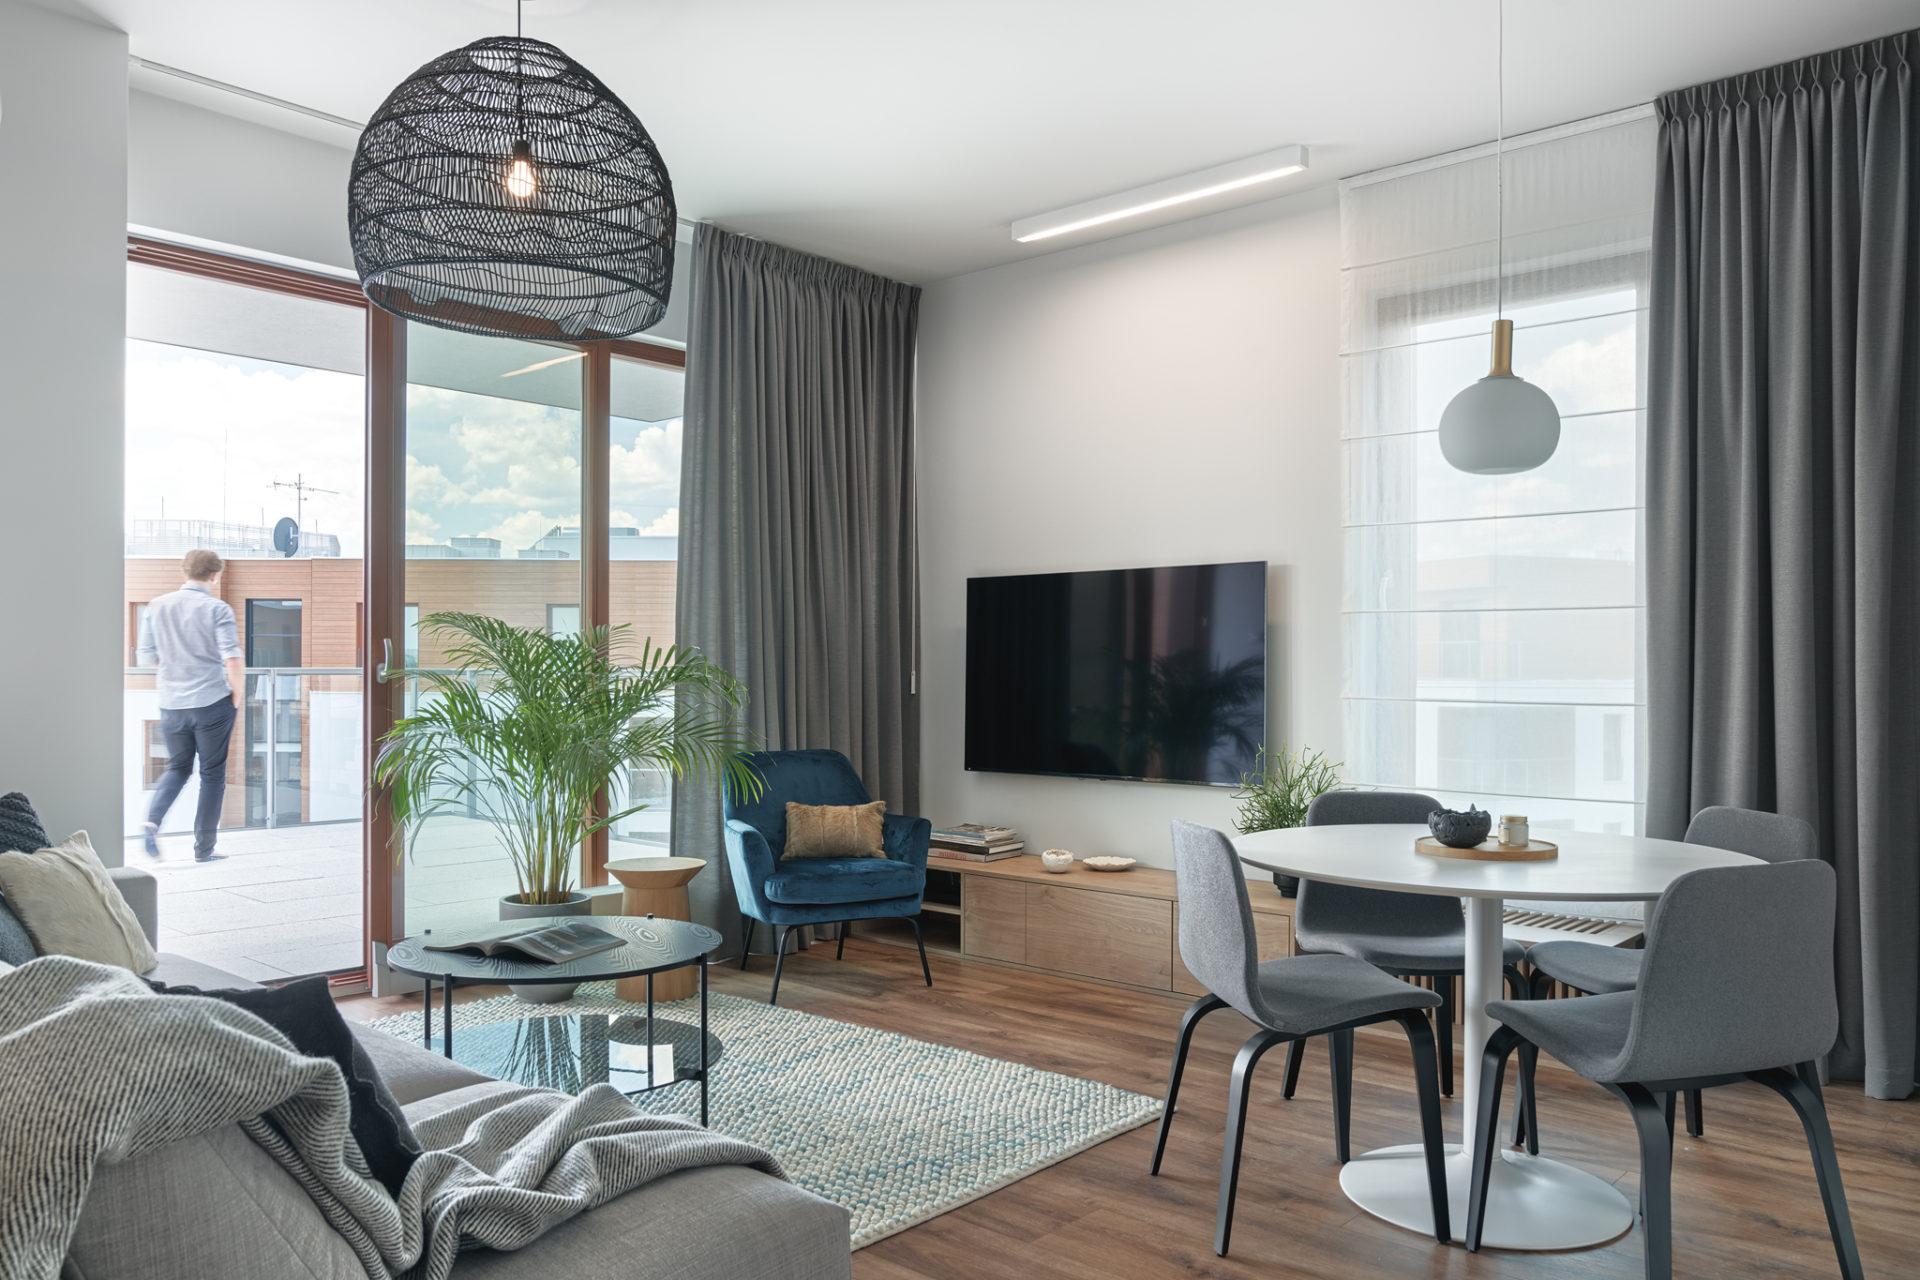 Apartament w Gdyni 2021 - 01